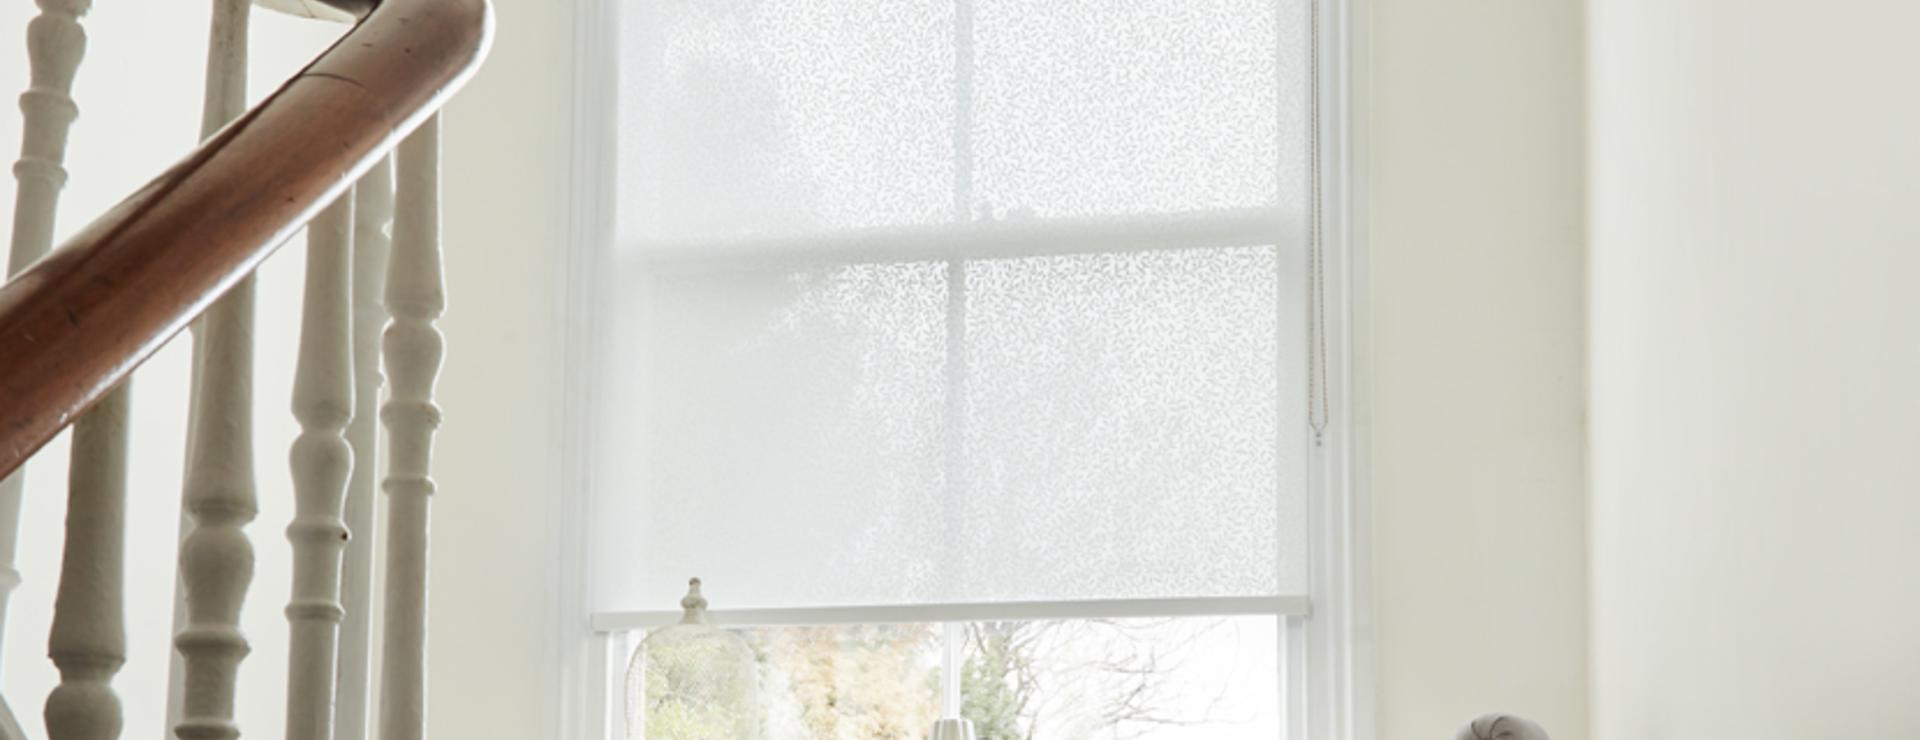 do-roller-blinds-go-inside-or-outside-the-recess